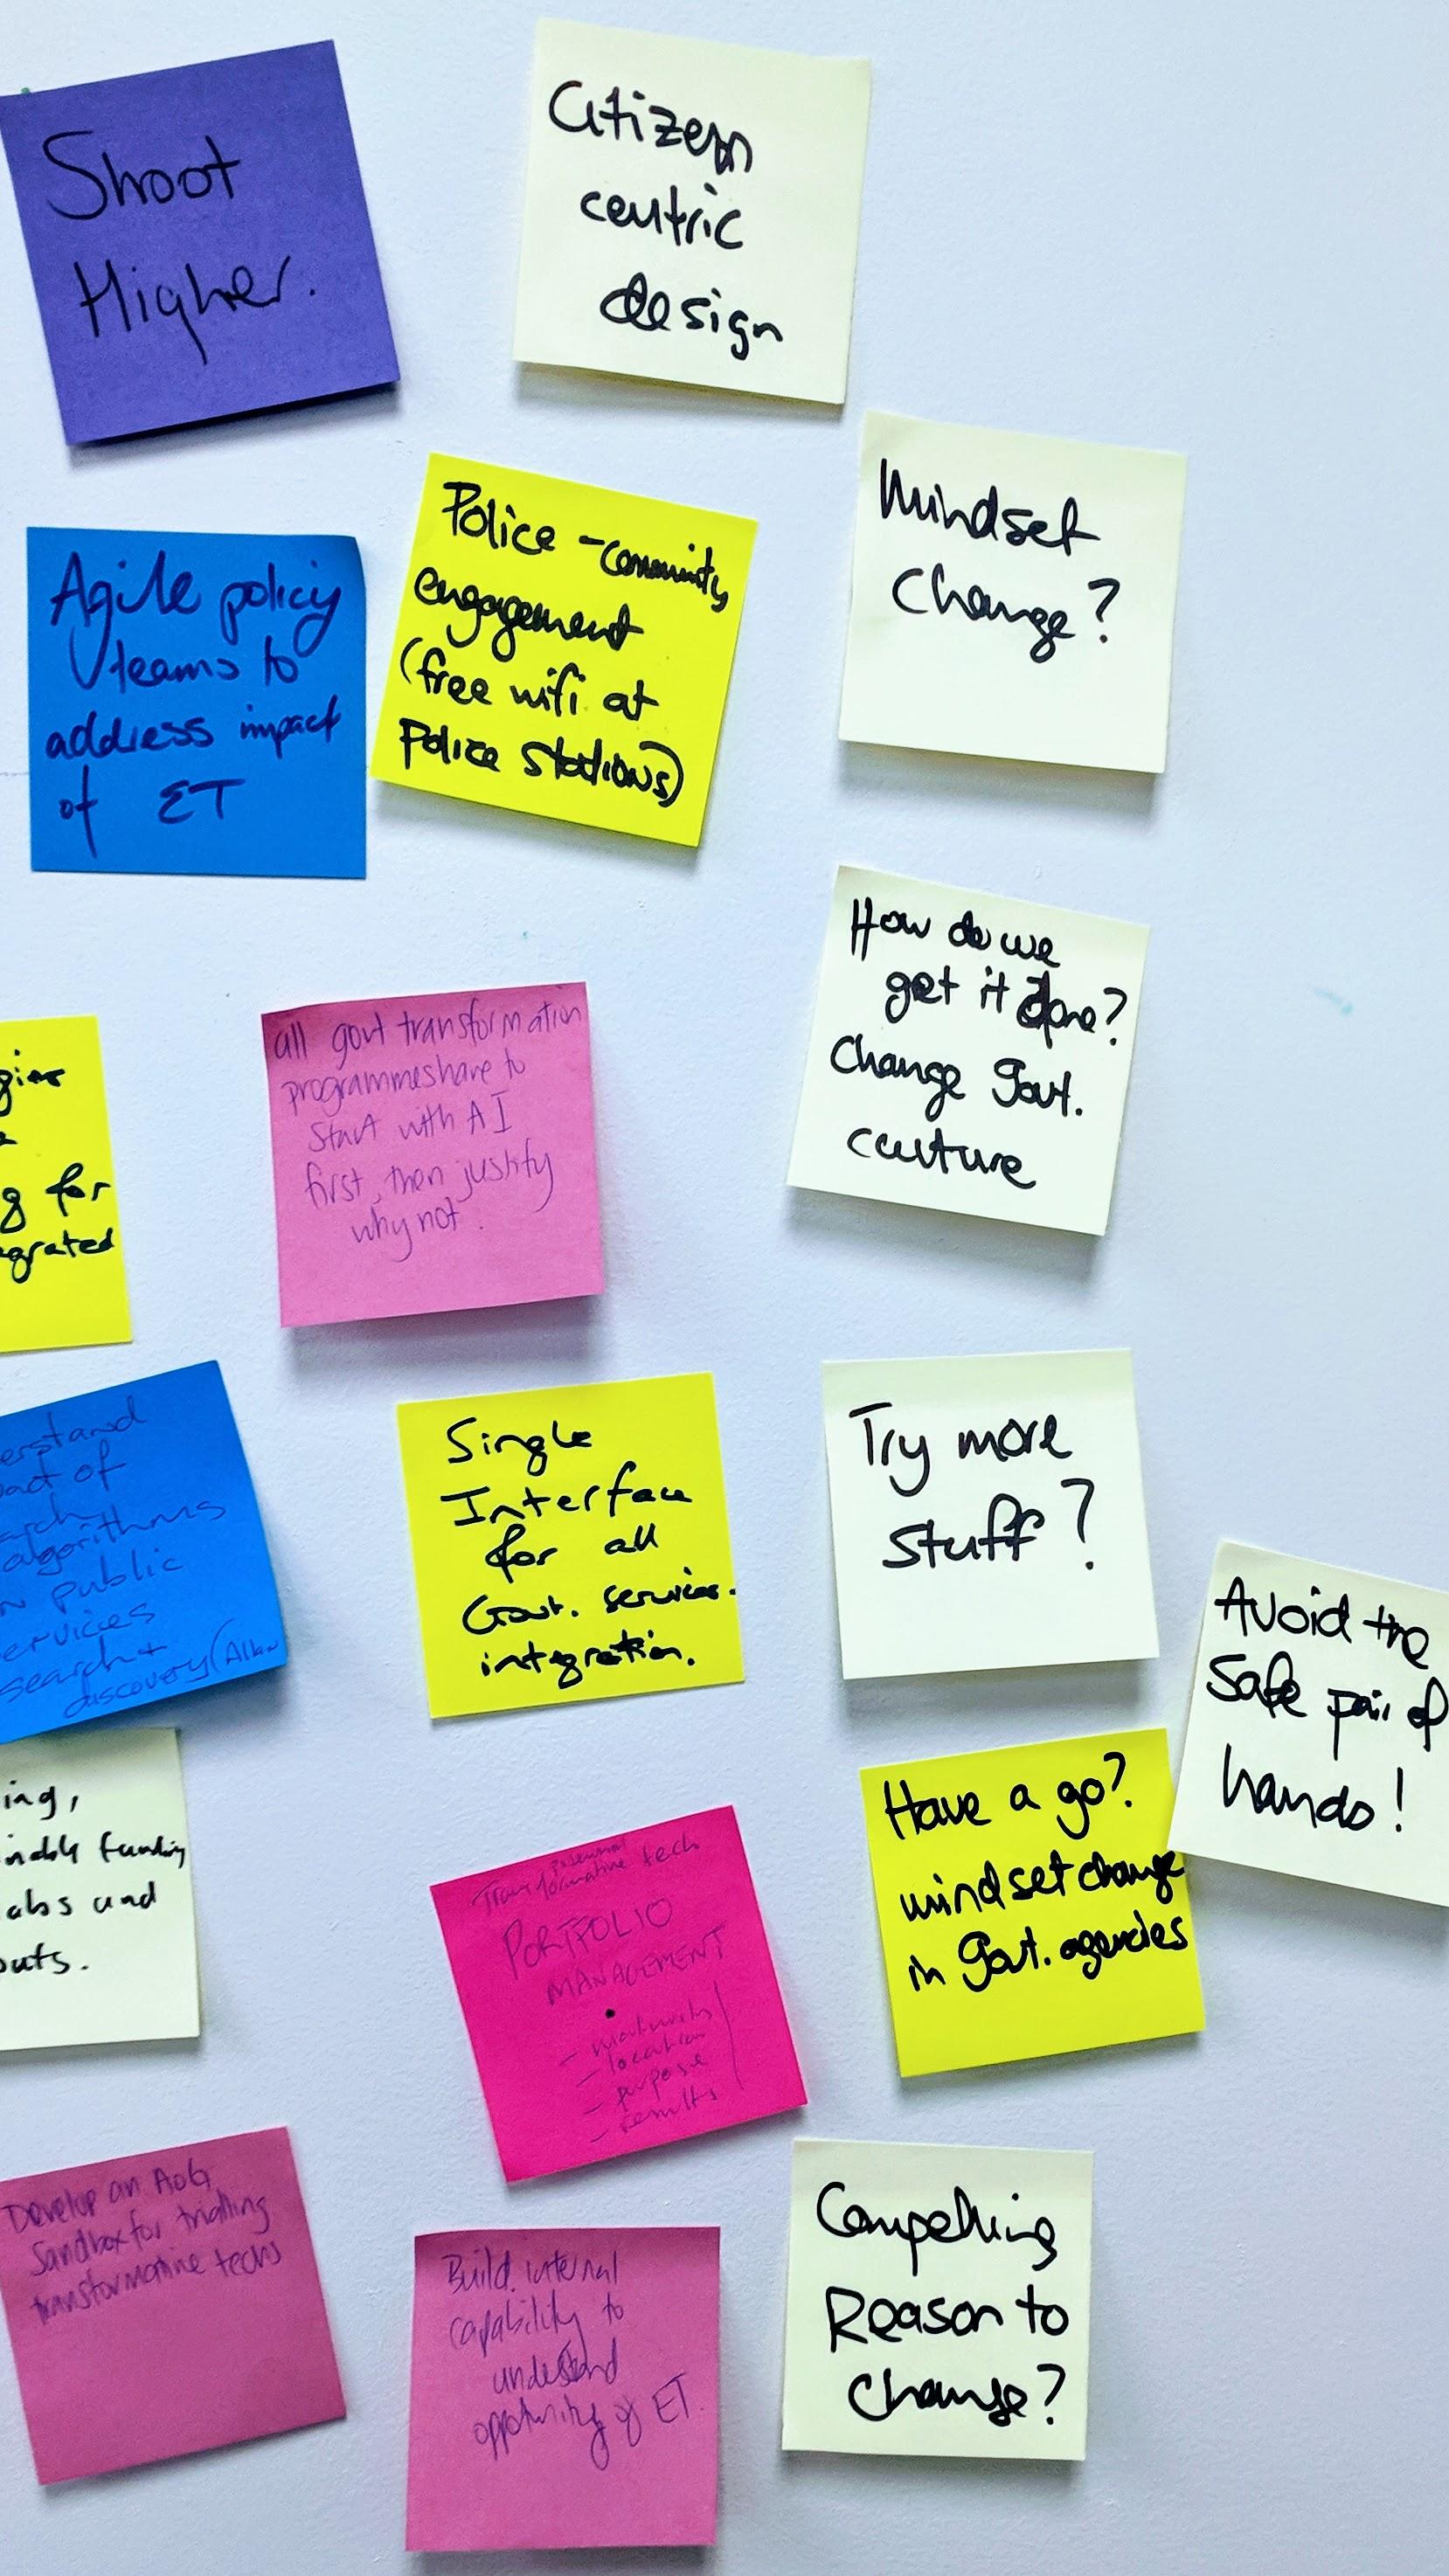 Civil servant dreams on Post-It notes